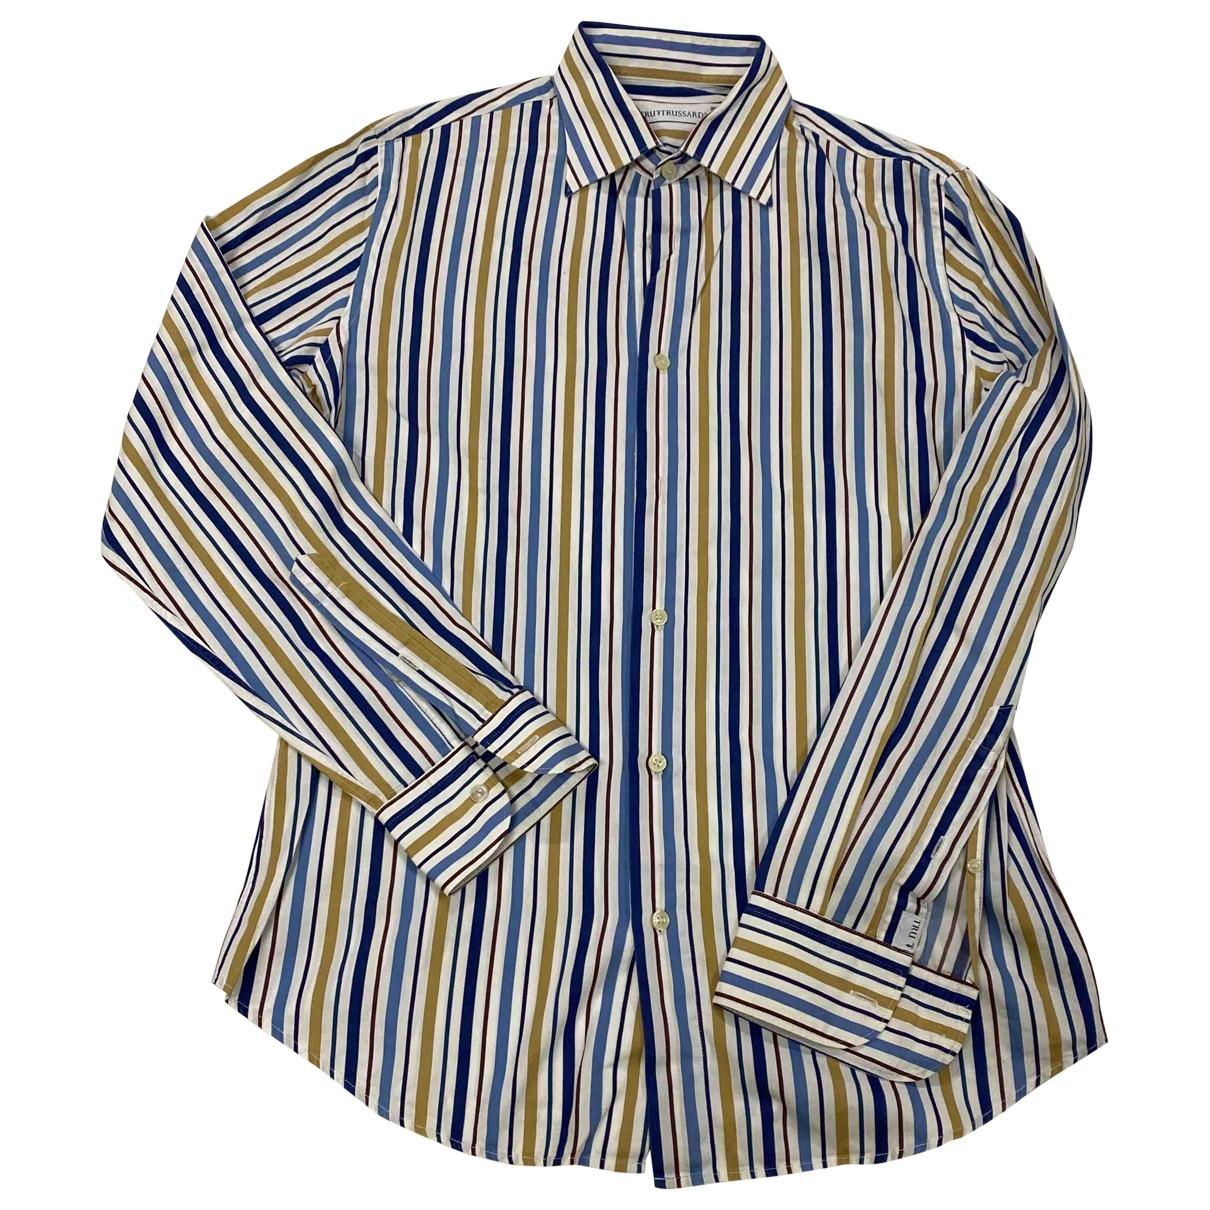 Camisas Trussardi